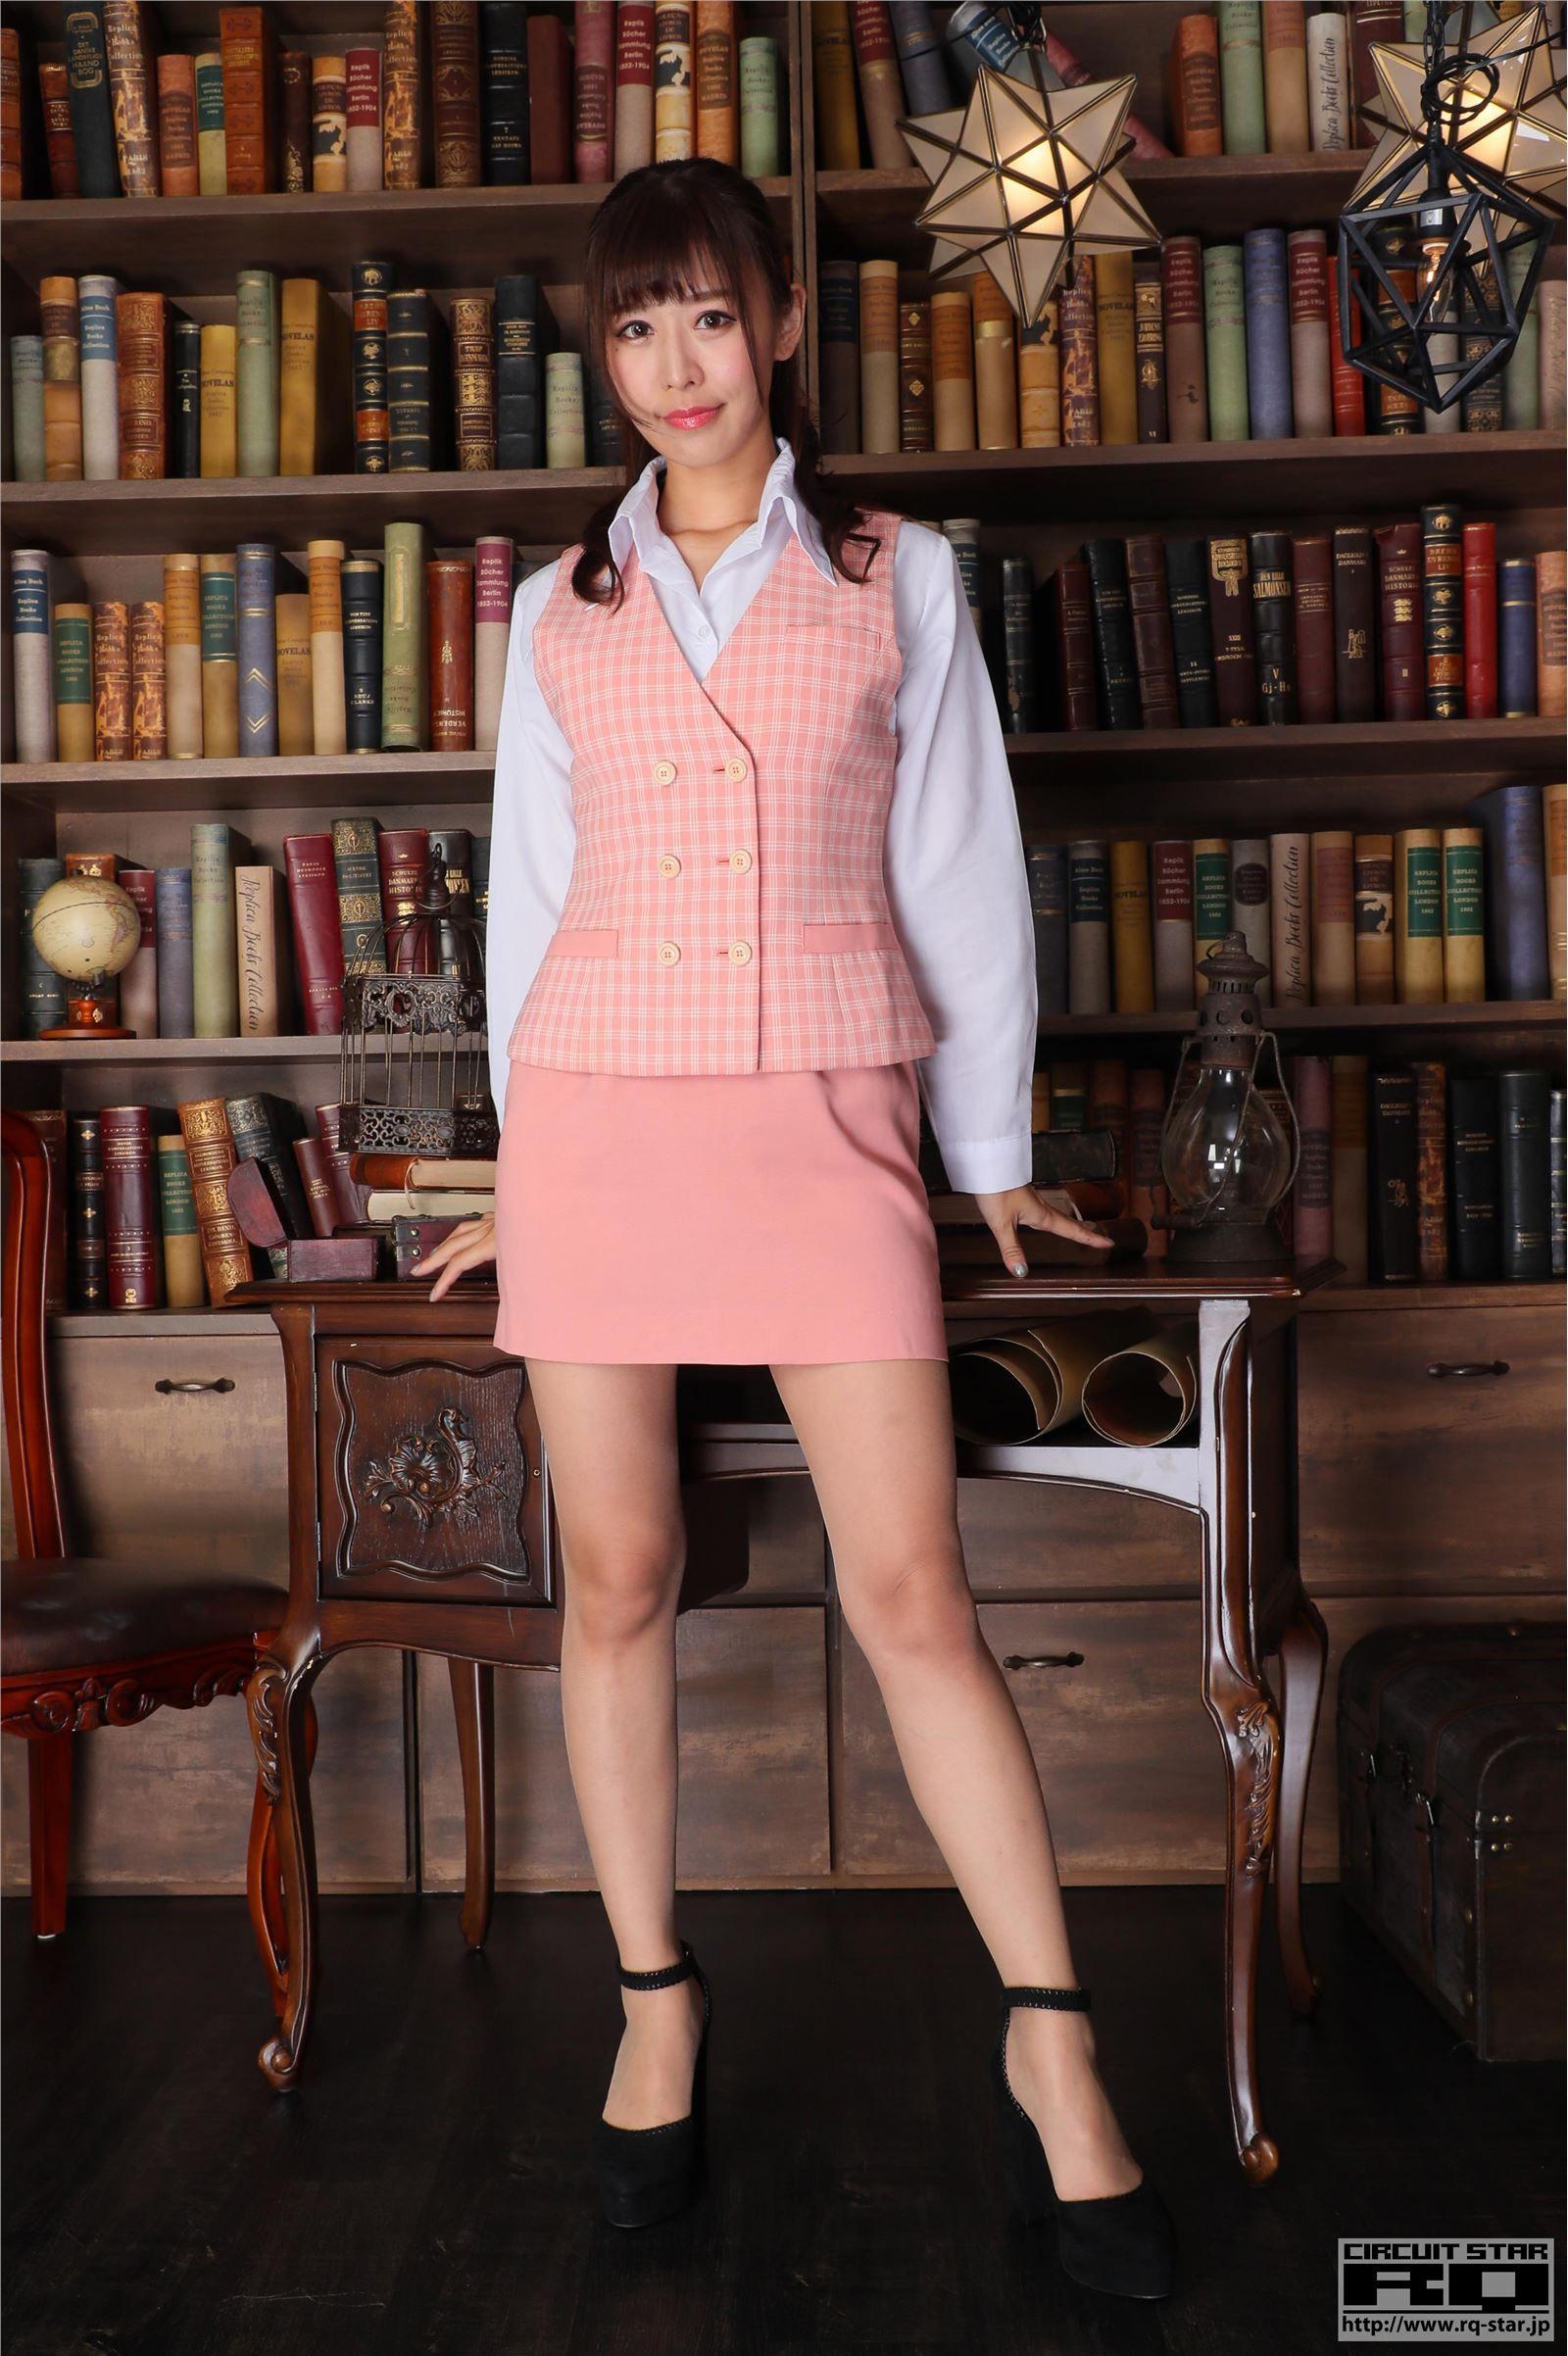 [RQ STAR美女] 2018.08.31 Aya Miyazaki 宮崎彩 Office Lady[100P] RQ STAR 第1张